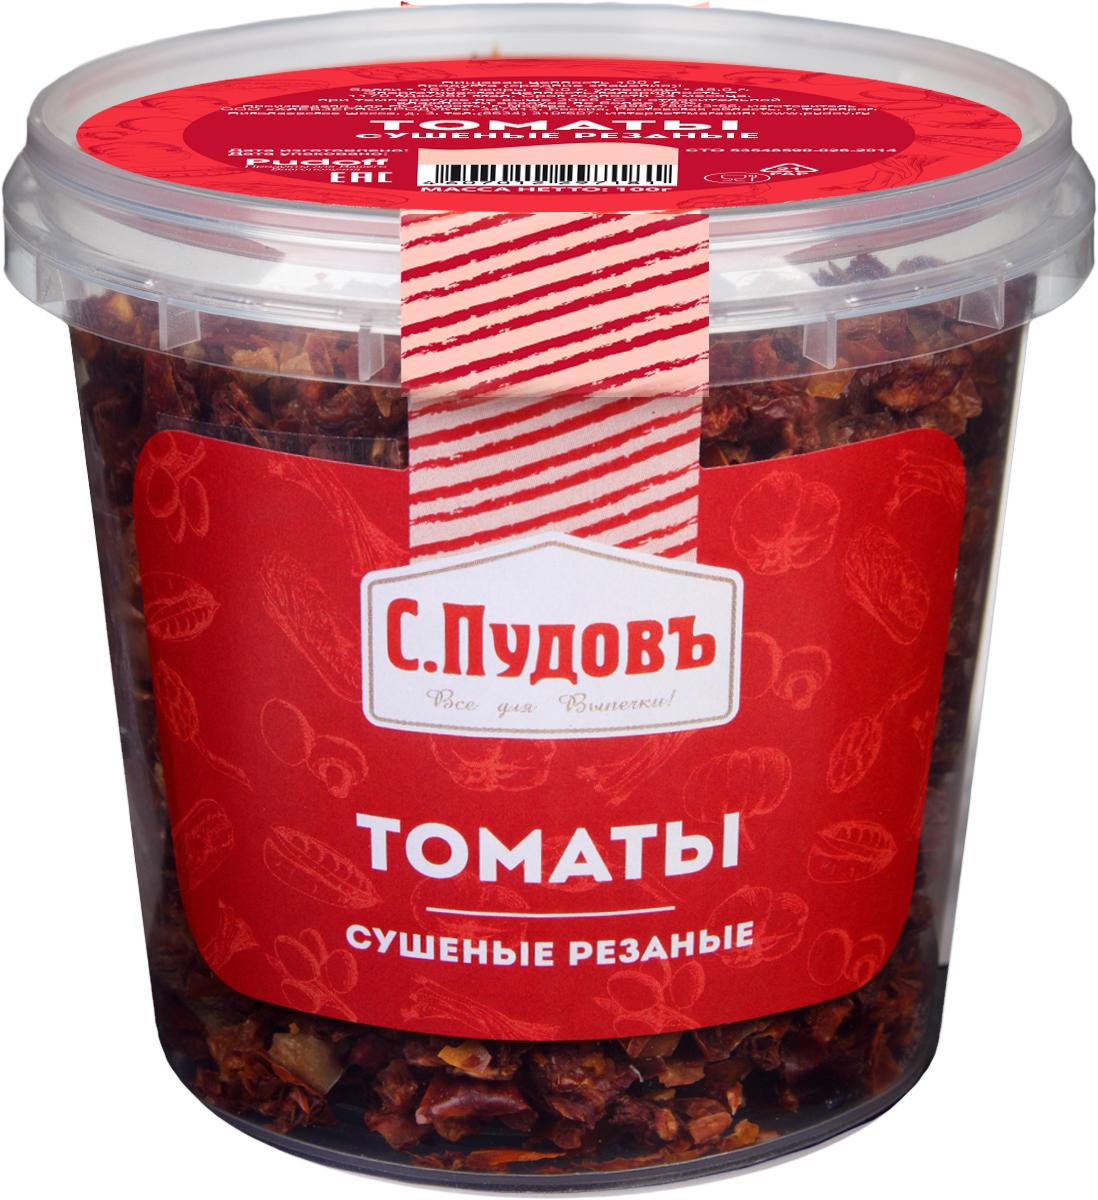 Пудовъ томаты сушеные резаные, 100 г0120710Сушеные резаные томаты - полезный ингредиент для тех, кто любит готовить. Его можно использовать при выпечке хлеба, приготовлении маринадов, горячих блюд, салатов. Великолепная добавка к восточным блюдам.